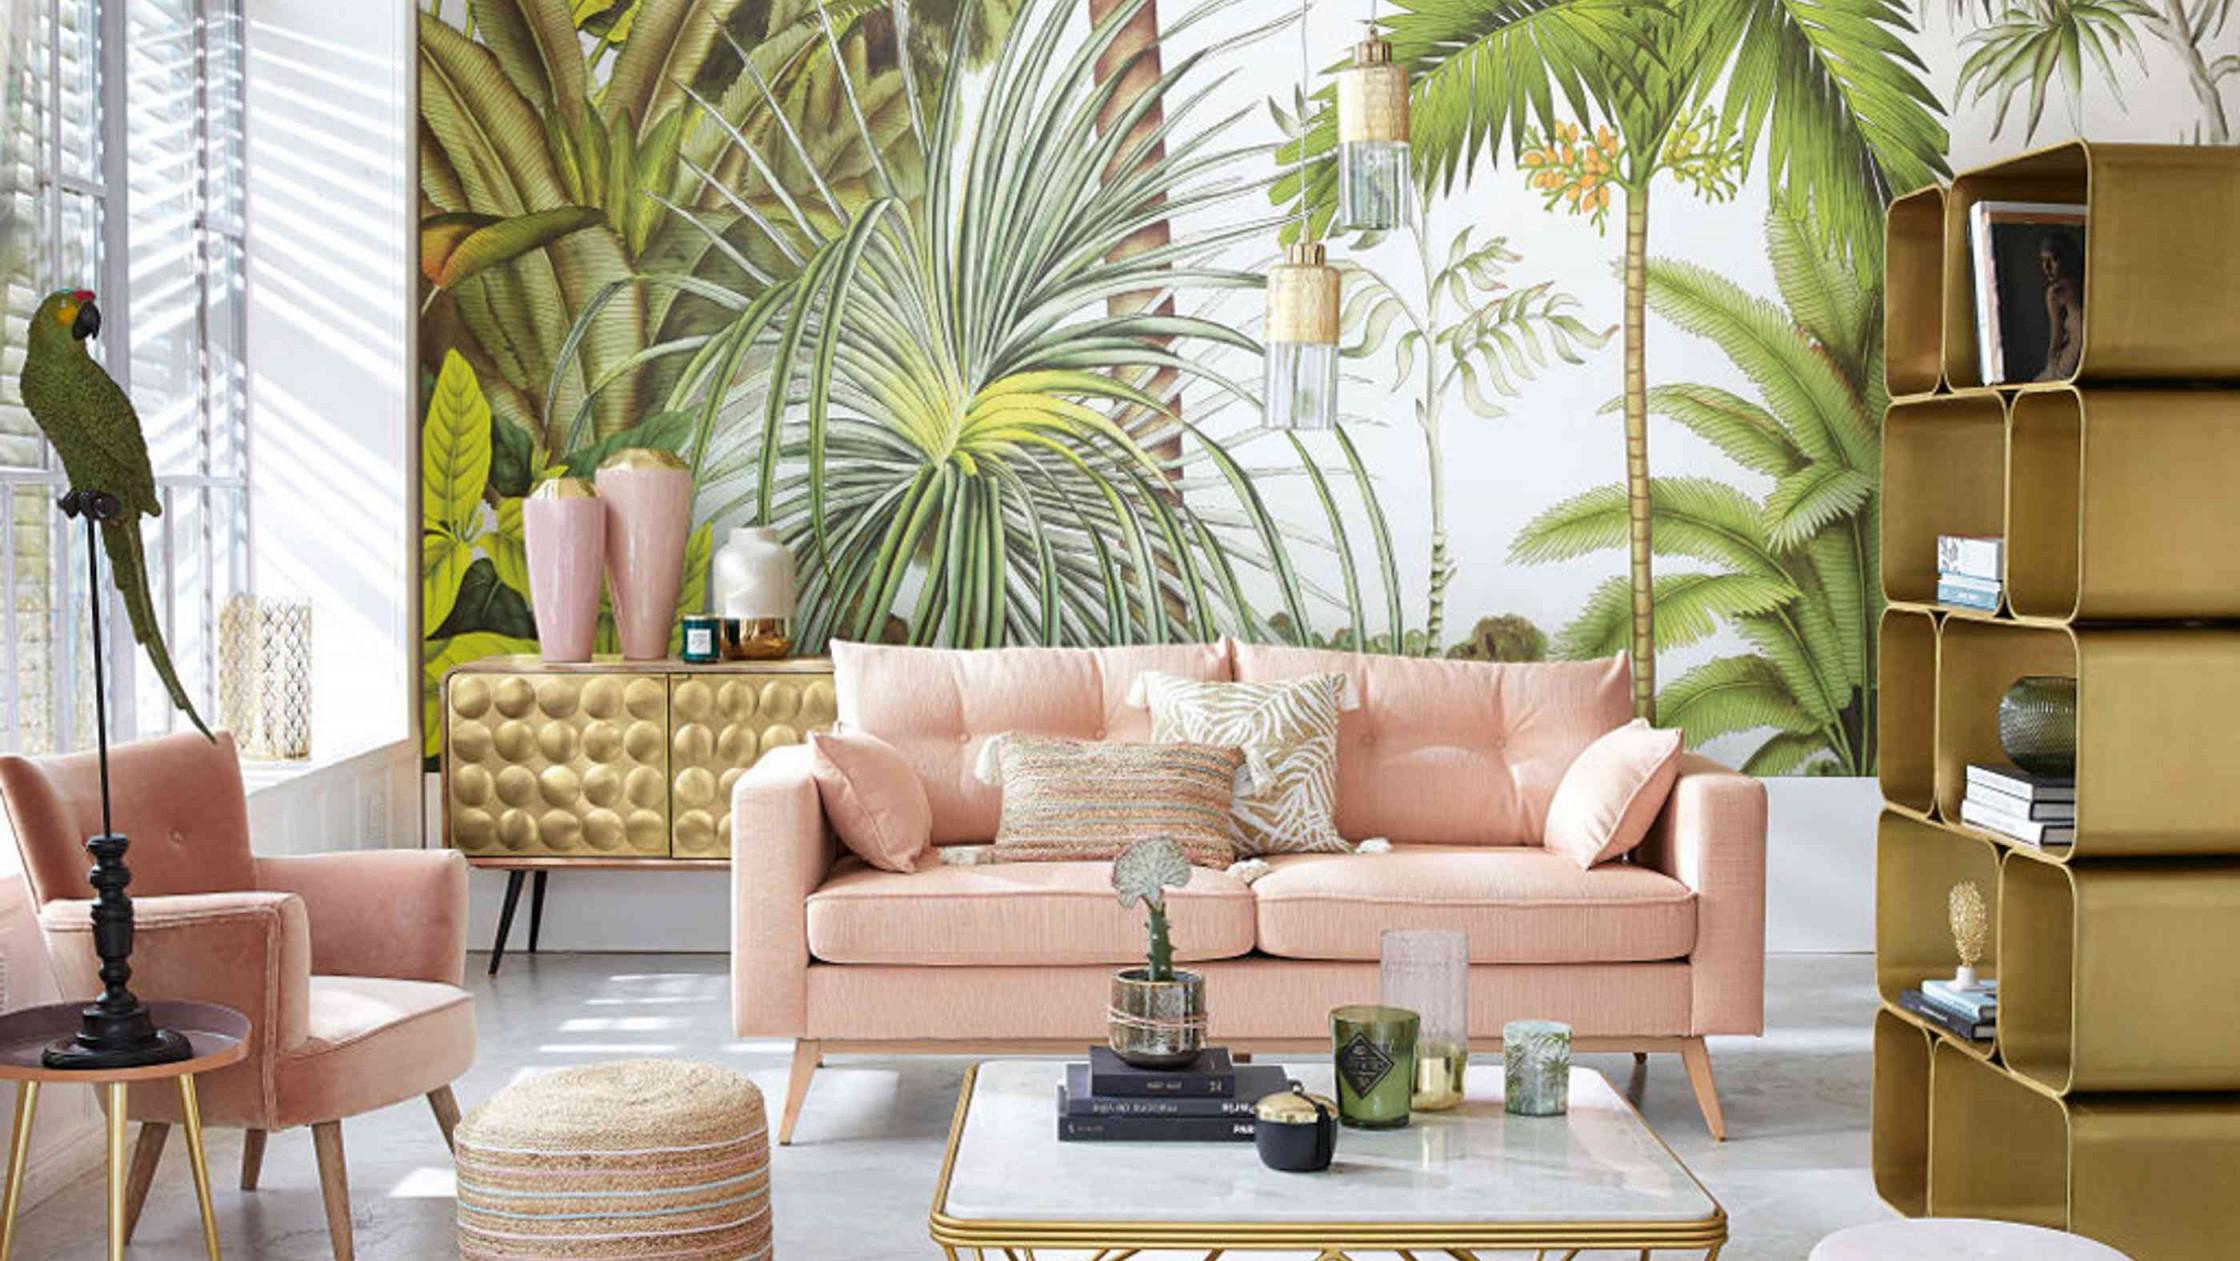 Wandgestaltung Im Wohnzimmer Tipps Zu Farben Tapeten von Wohnzimmer Tapeten Gestaltung Photo